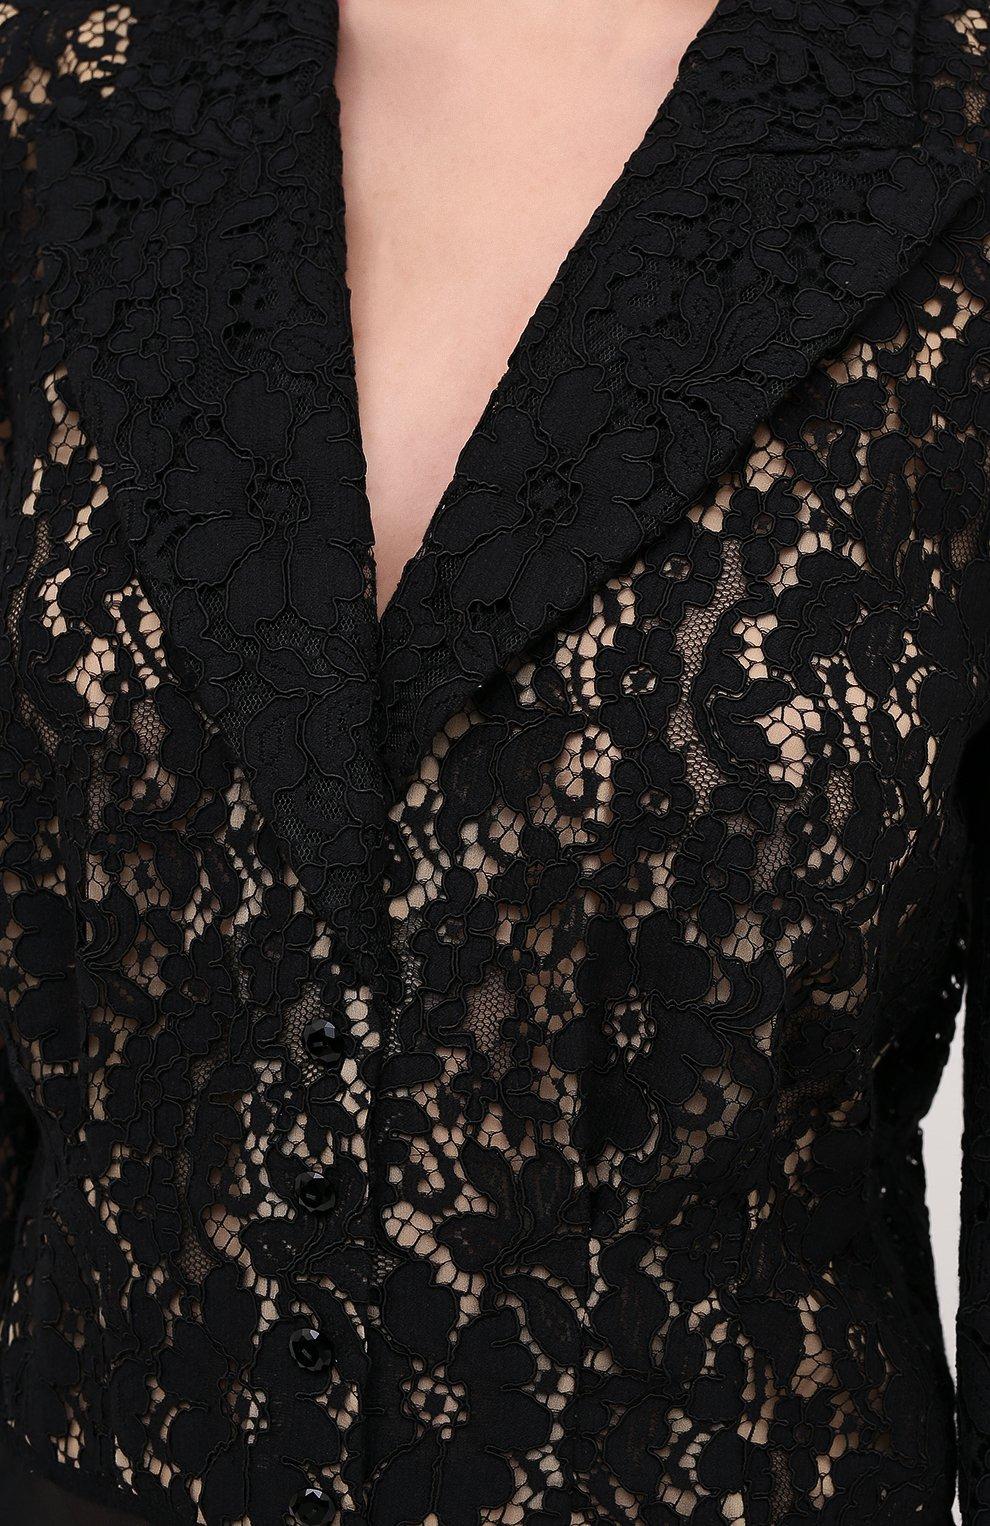 Женское боди ULYANA SERGEENKO черного цвета, арт. BDY001FW20P 1149т20 | Фото 5 (Рукава: Длинные; Стили: Гламурный; Кросс-КТ: с рукавом; Женское Кросс-КТ: Боди-одежда)